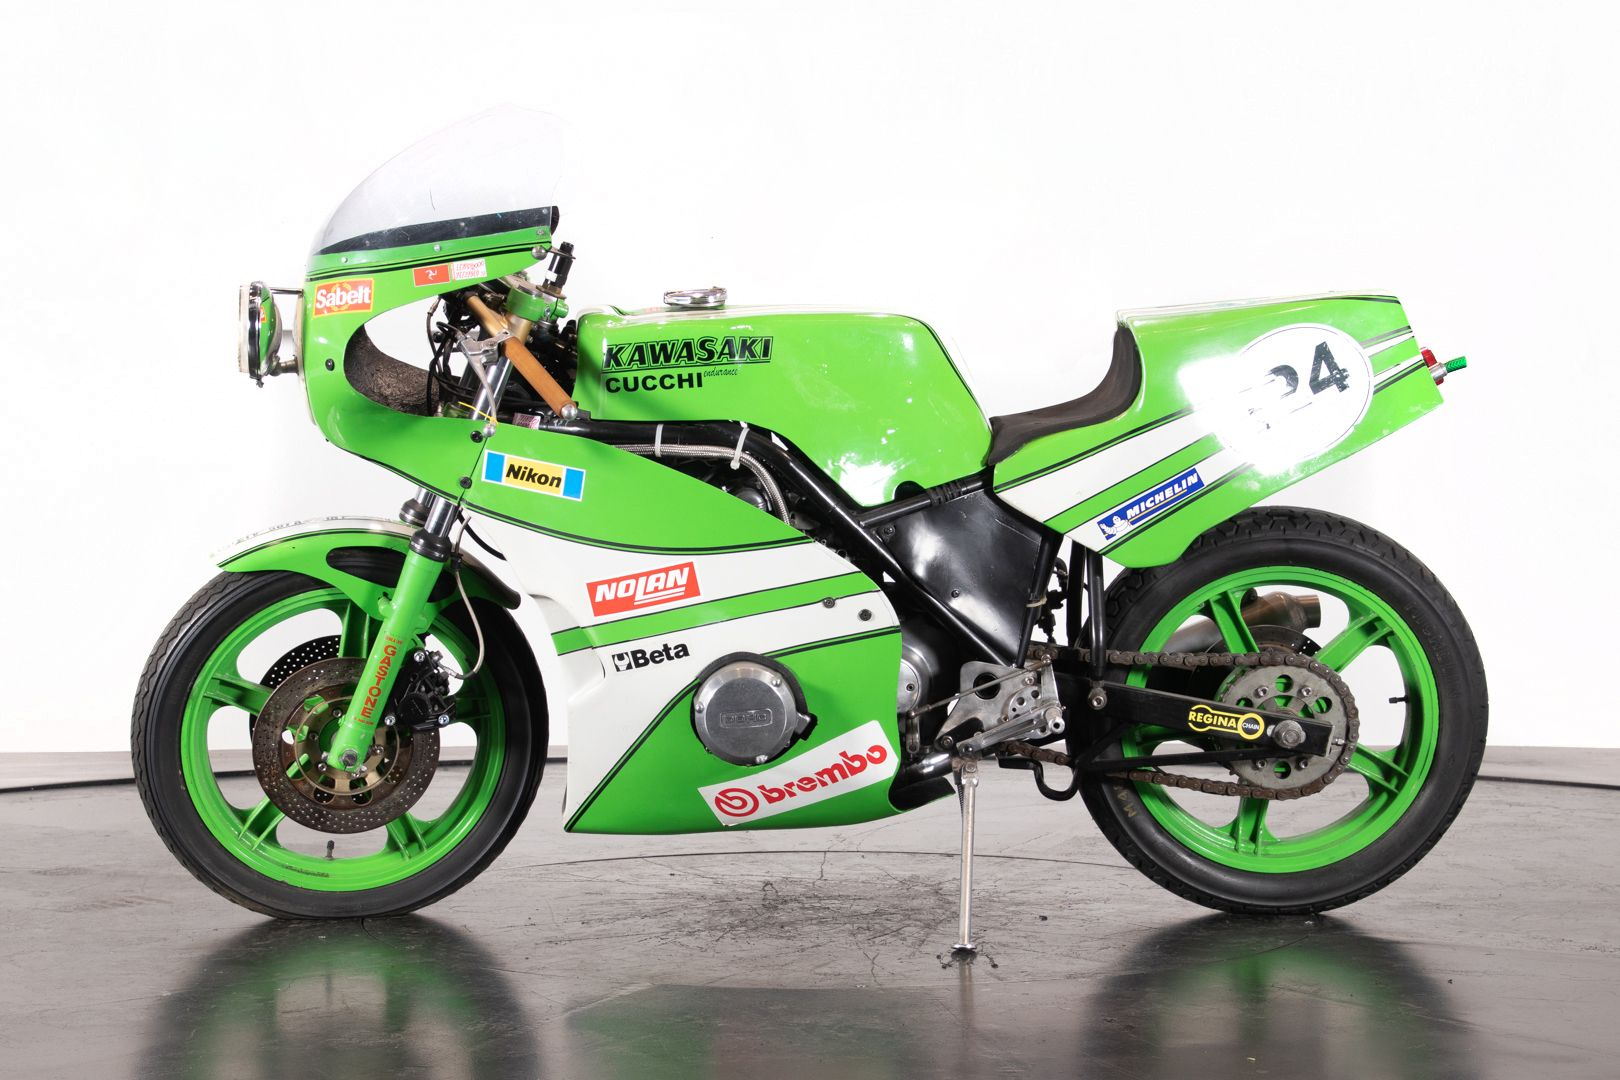 1977 Kawasaki Cucchi 1200 74841